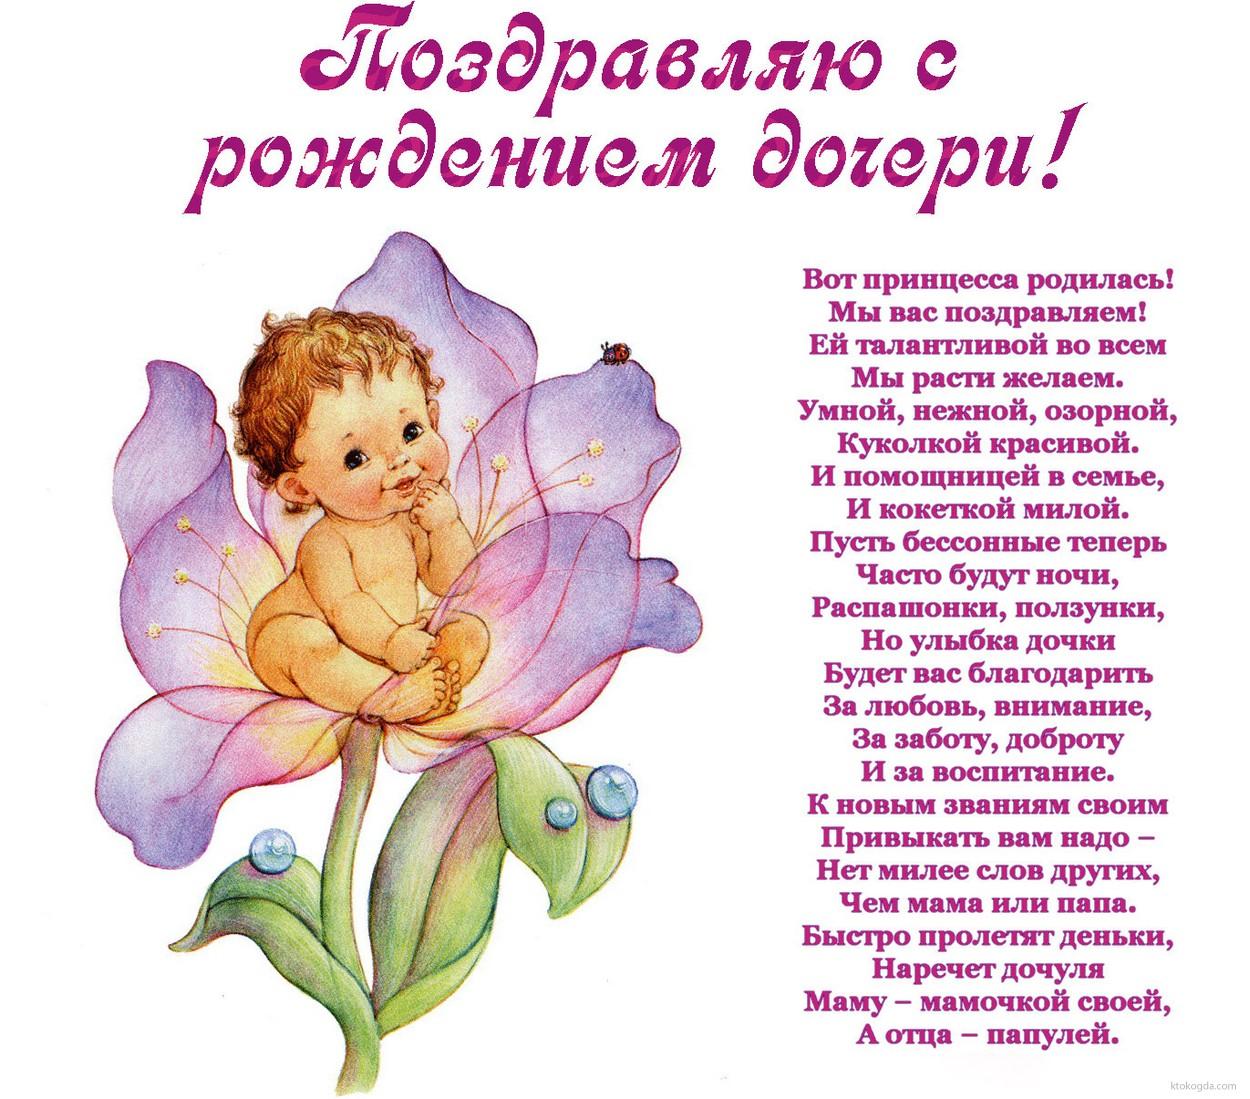 Поздравления с дочкой в стихах родителям 543